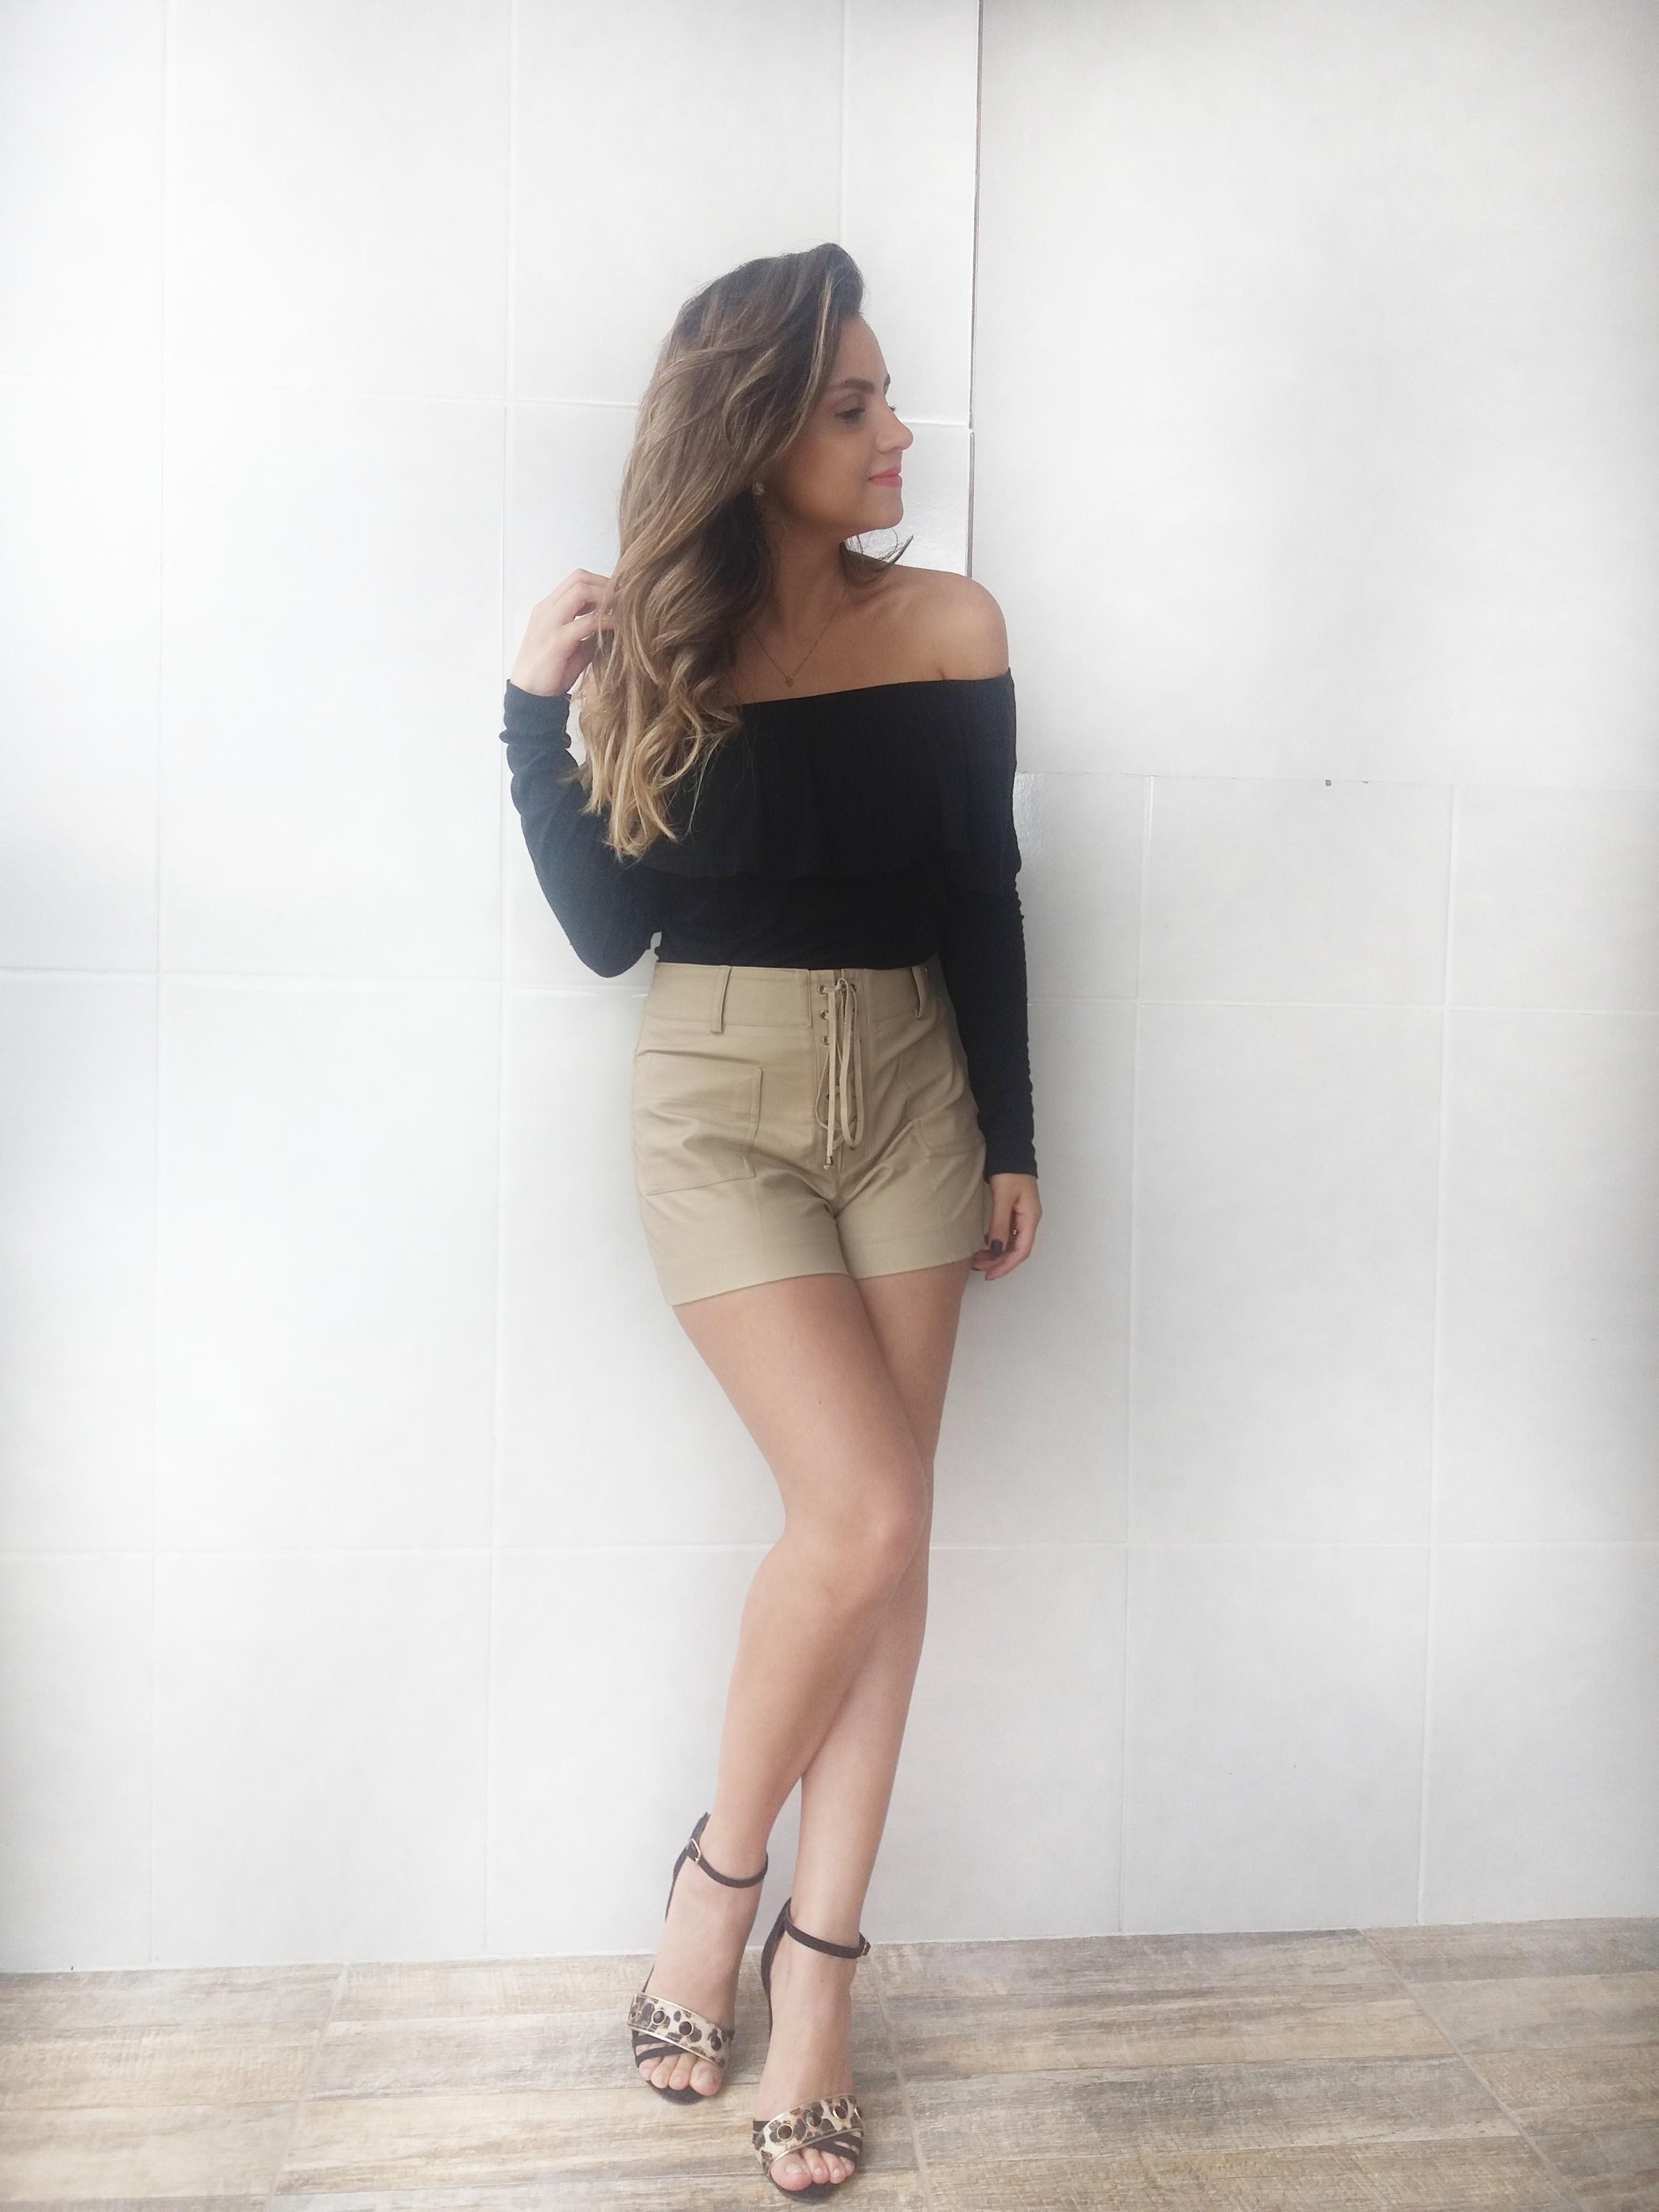 20170226_150151-01 Look da Ka: Bem feminino com babado + couro + onça